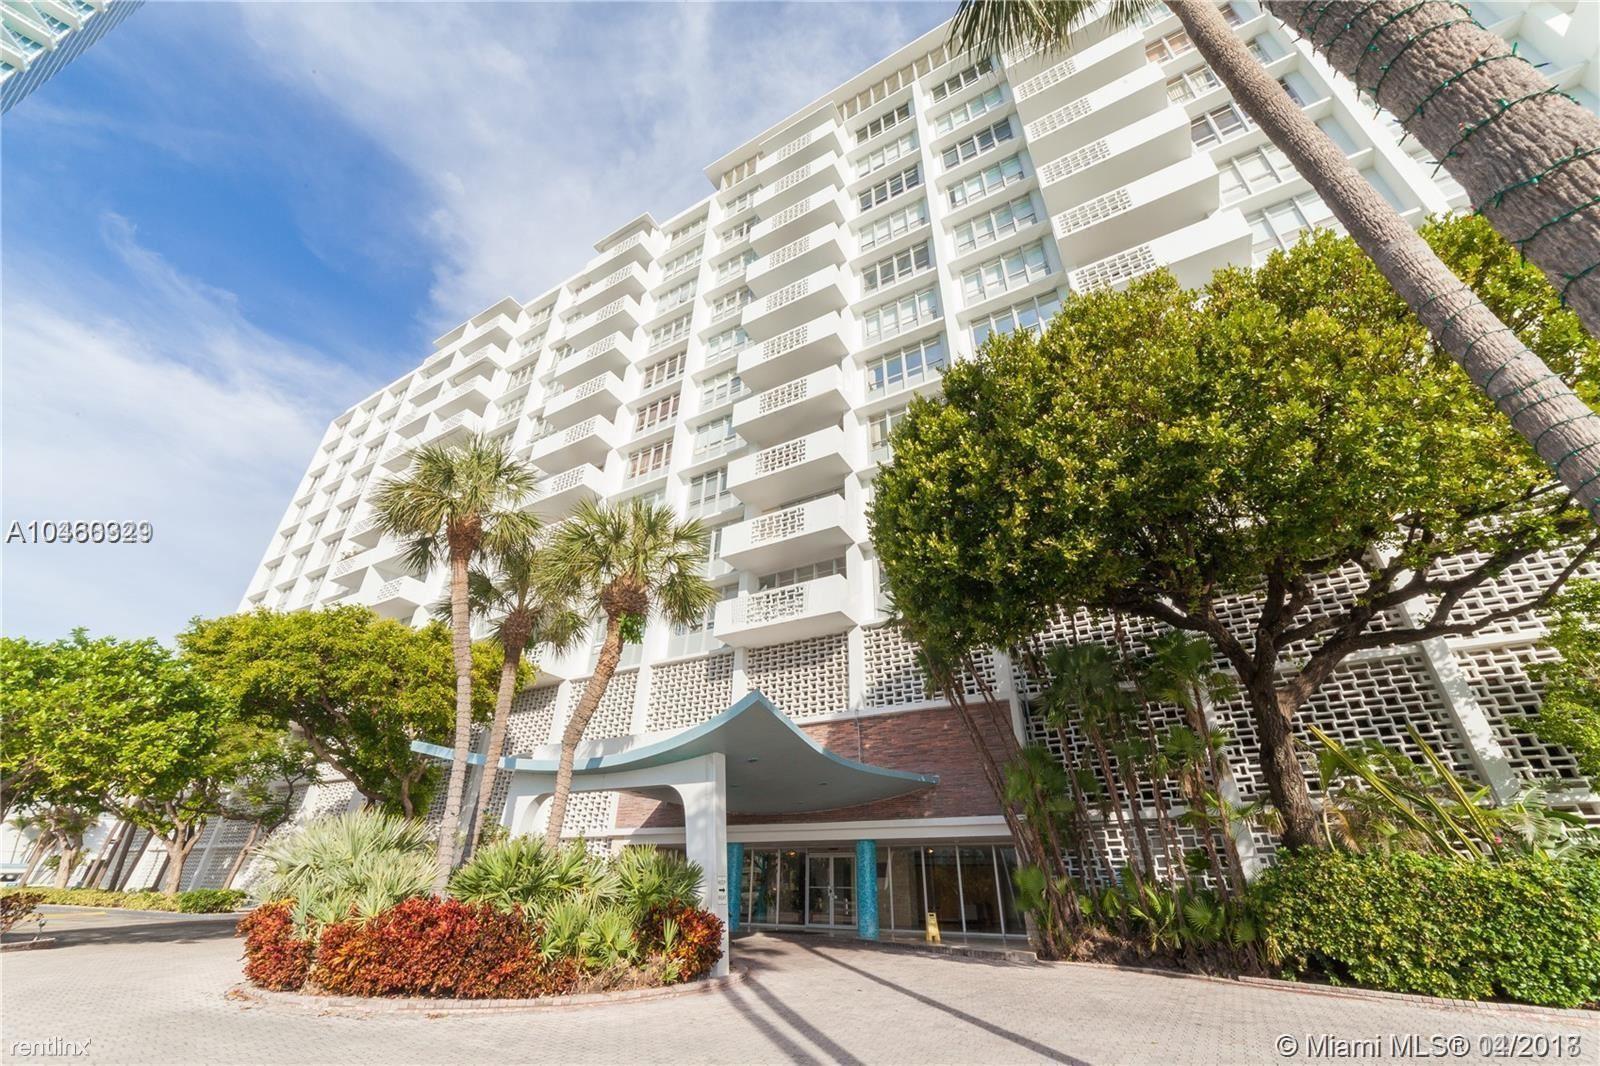 Miami Condominiums